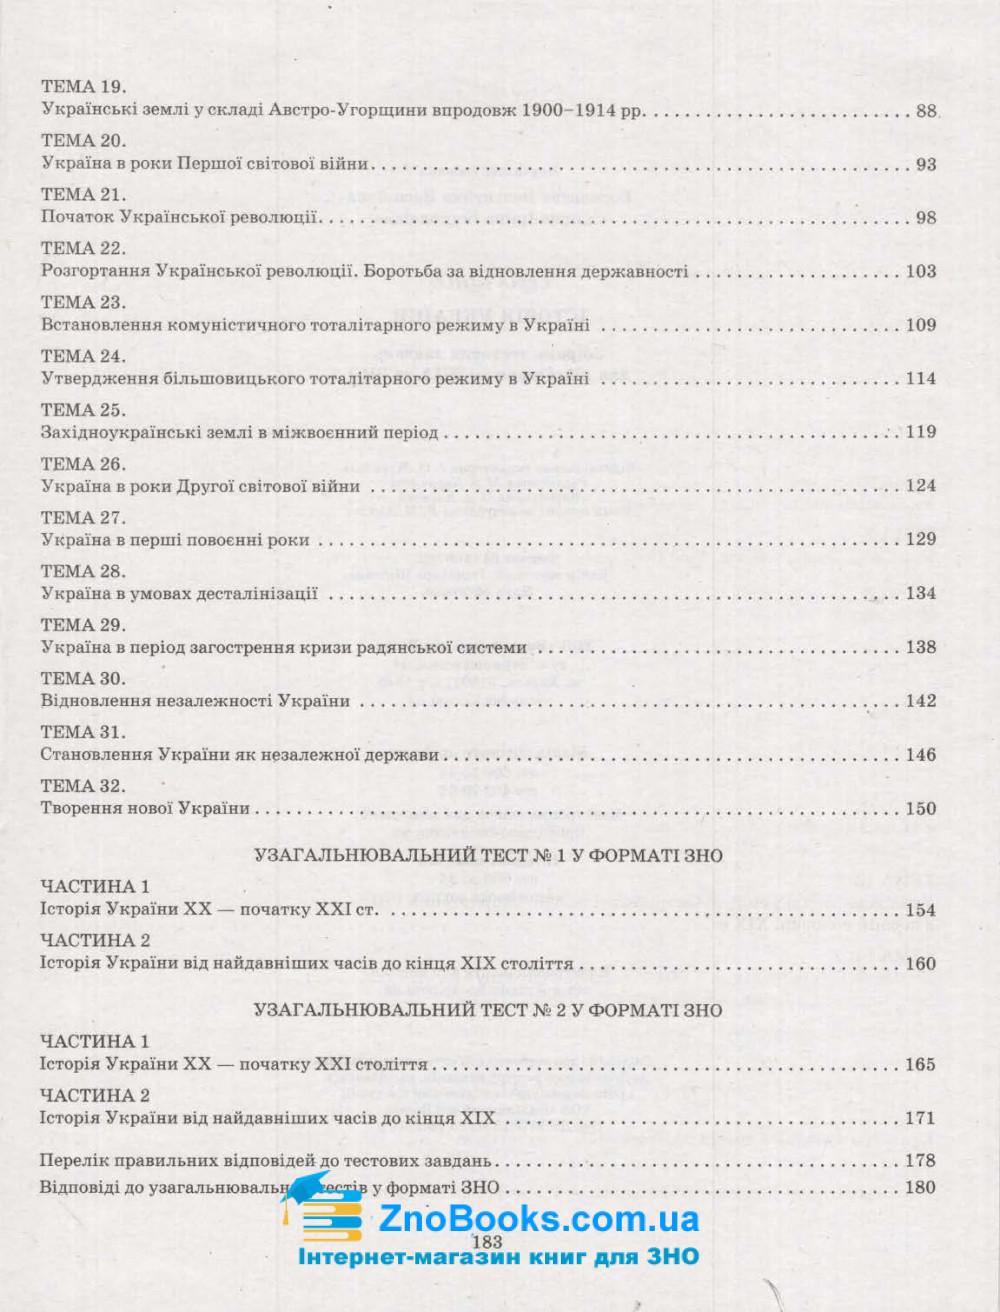 ЗНО 2022 Збірник тестів. Історія України : Воропаєва В., Скирда І. Весна купити 9